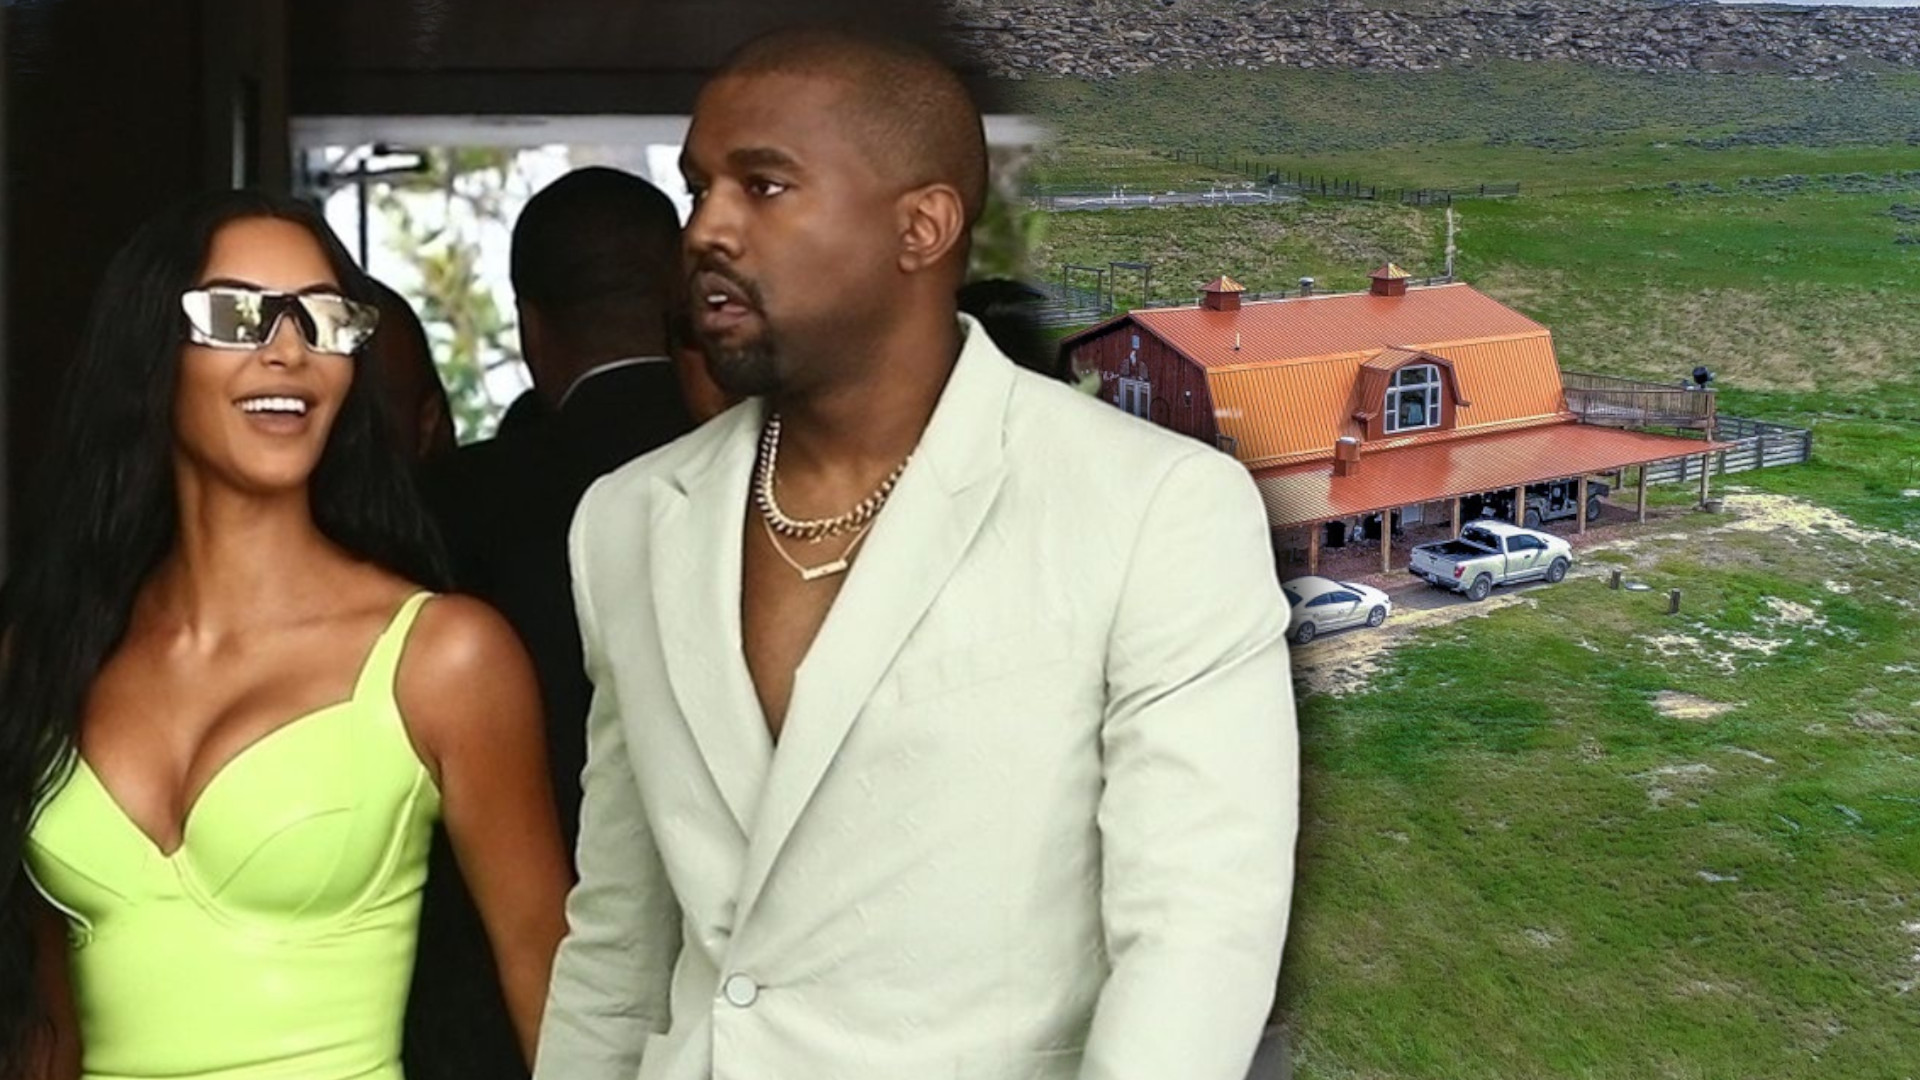 Kim Kardashian i Kanye West wyprowadzili się z Kalifornii. Kupili ogromne ranczo (ZDJECIA)